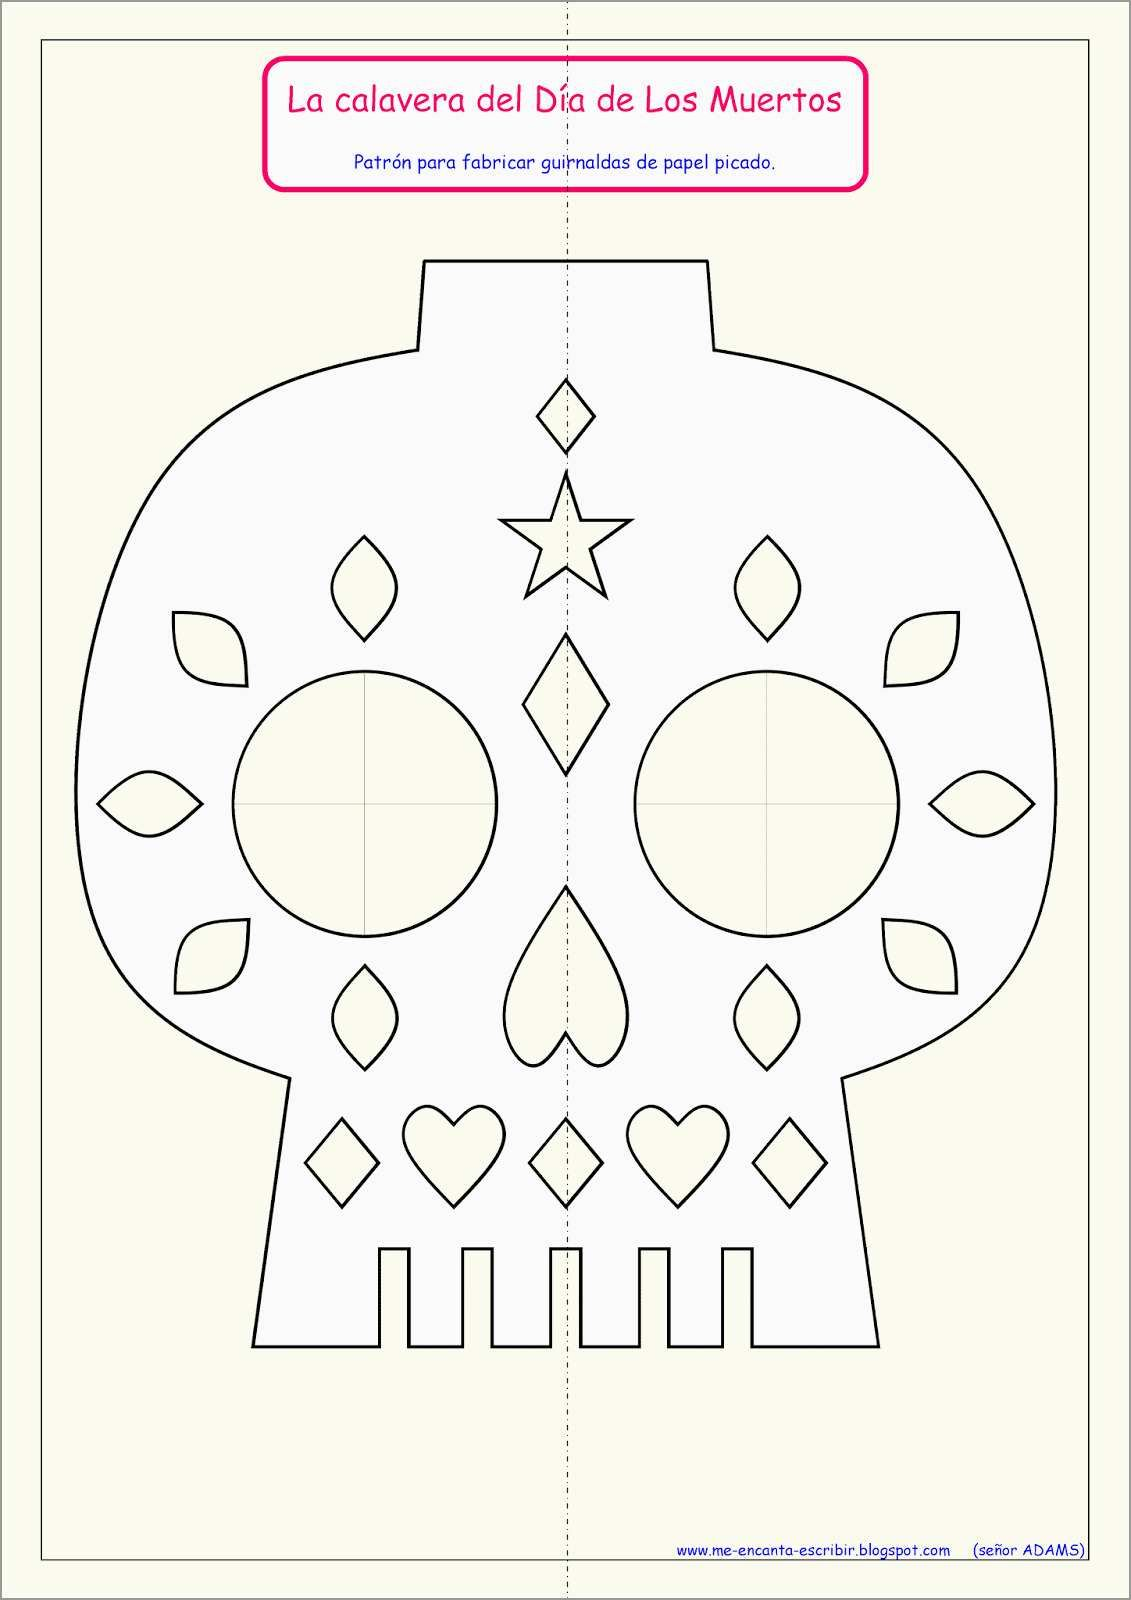 Free Printable Papel Picado Template Fresh En Mexico Los Personas Utilizan Hojas O Gui Dia De Los Muertos Party Ideas Day Of The Dead Diy Day Of The Dead Party